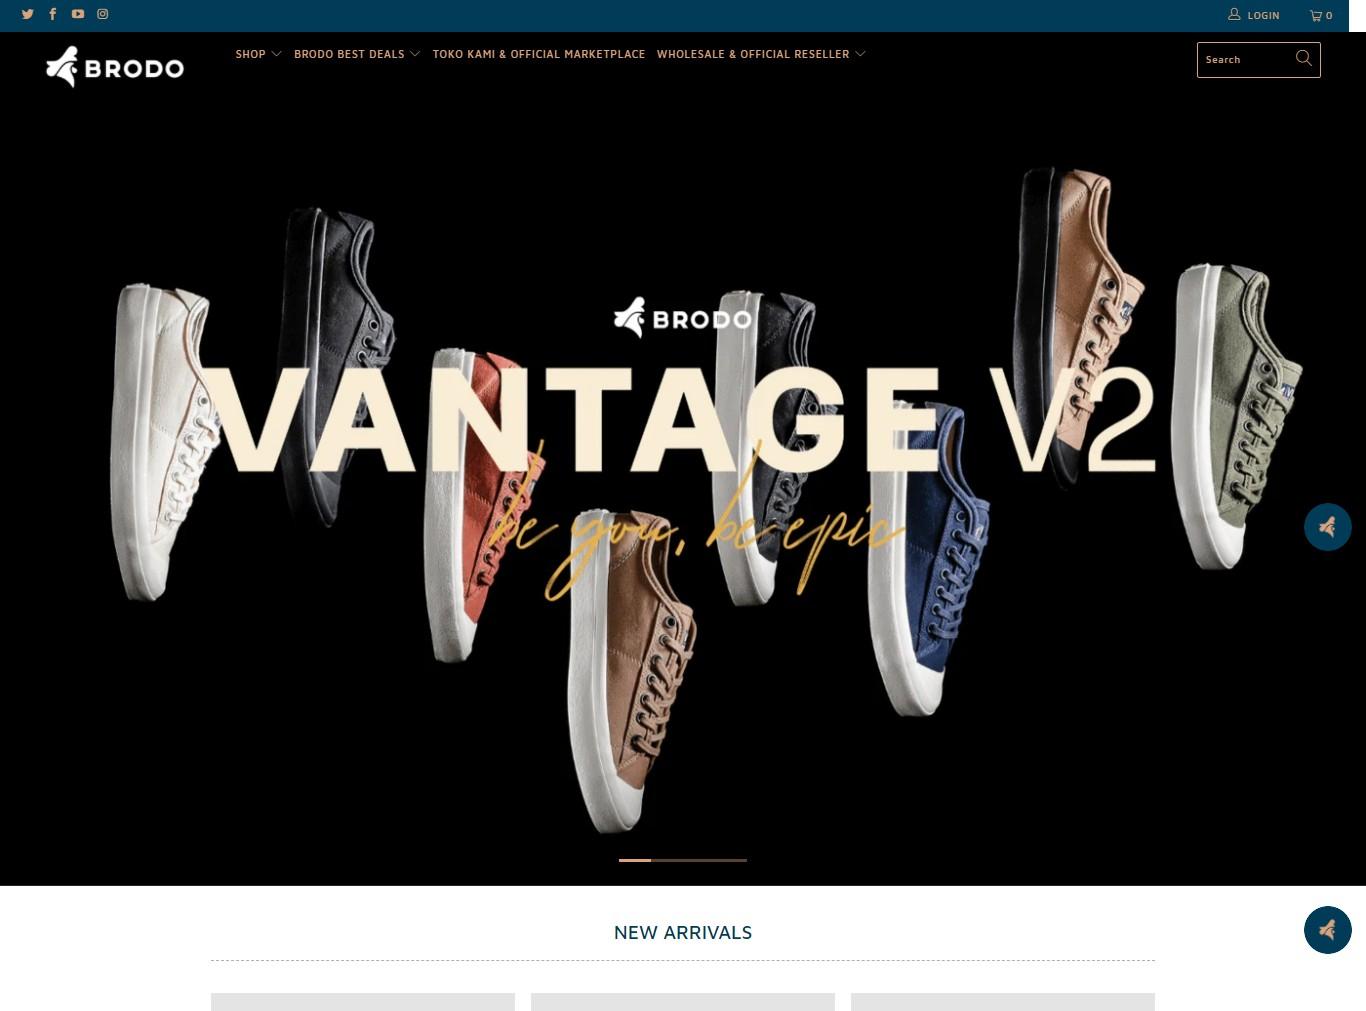 homepage toko online brodo